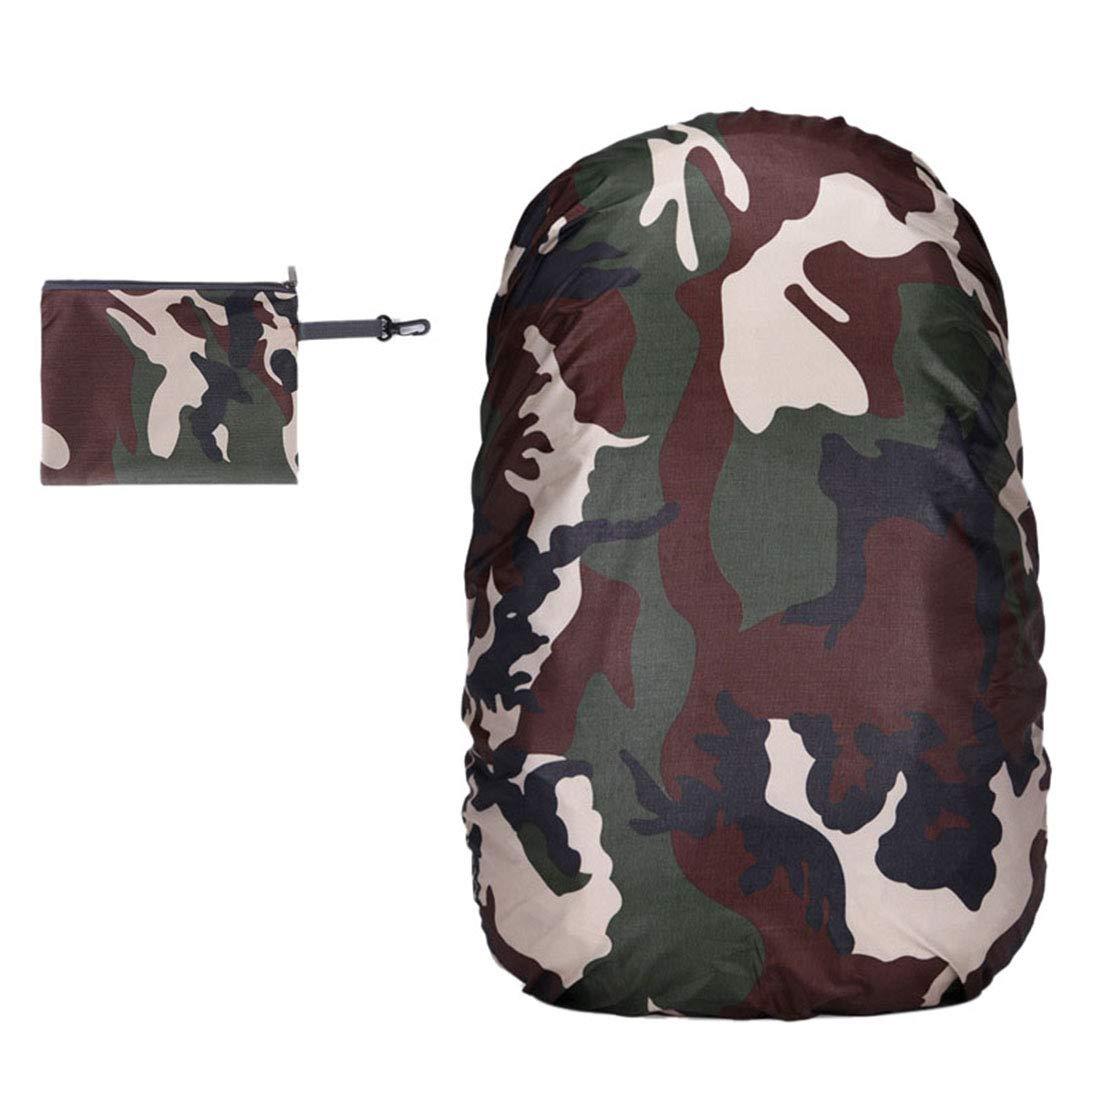 FREAHAP R 防水バックパック レインカバー 収納バッグ 軽量 ハイキングデイパックカバー 70L #12 B07GGQ6T2Q